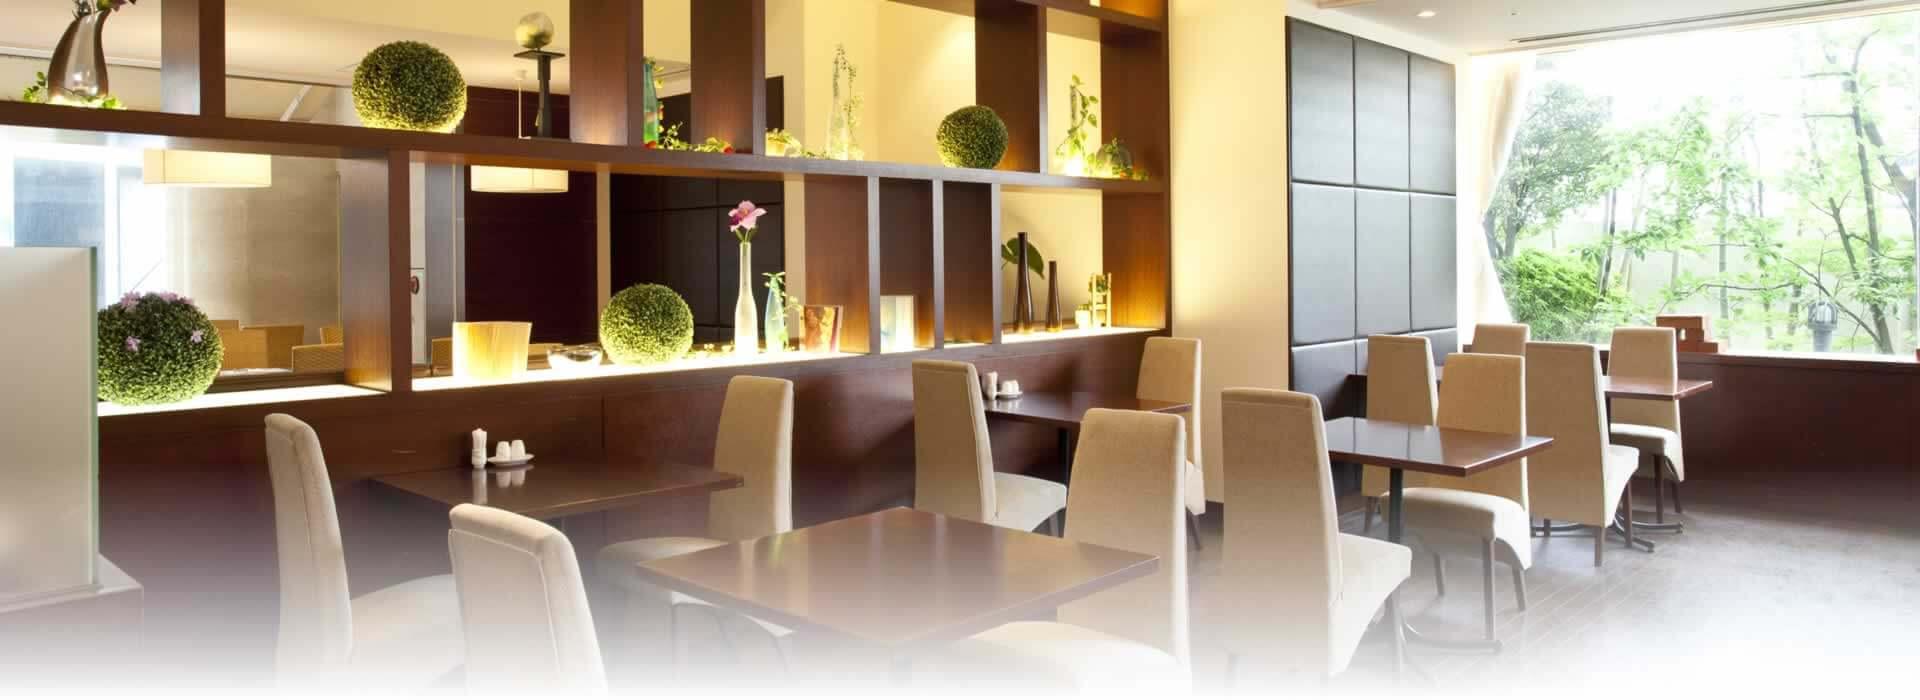 レストランのご予約|レンブラントホテル大分【公式】レンブラントグループホテル